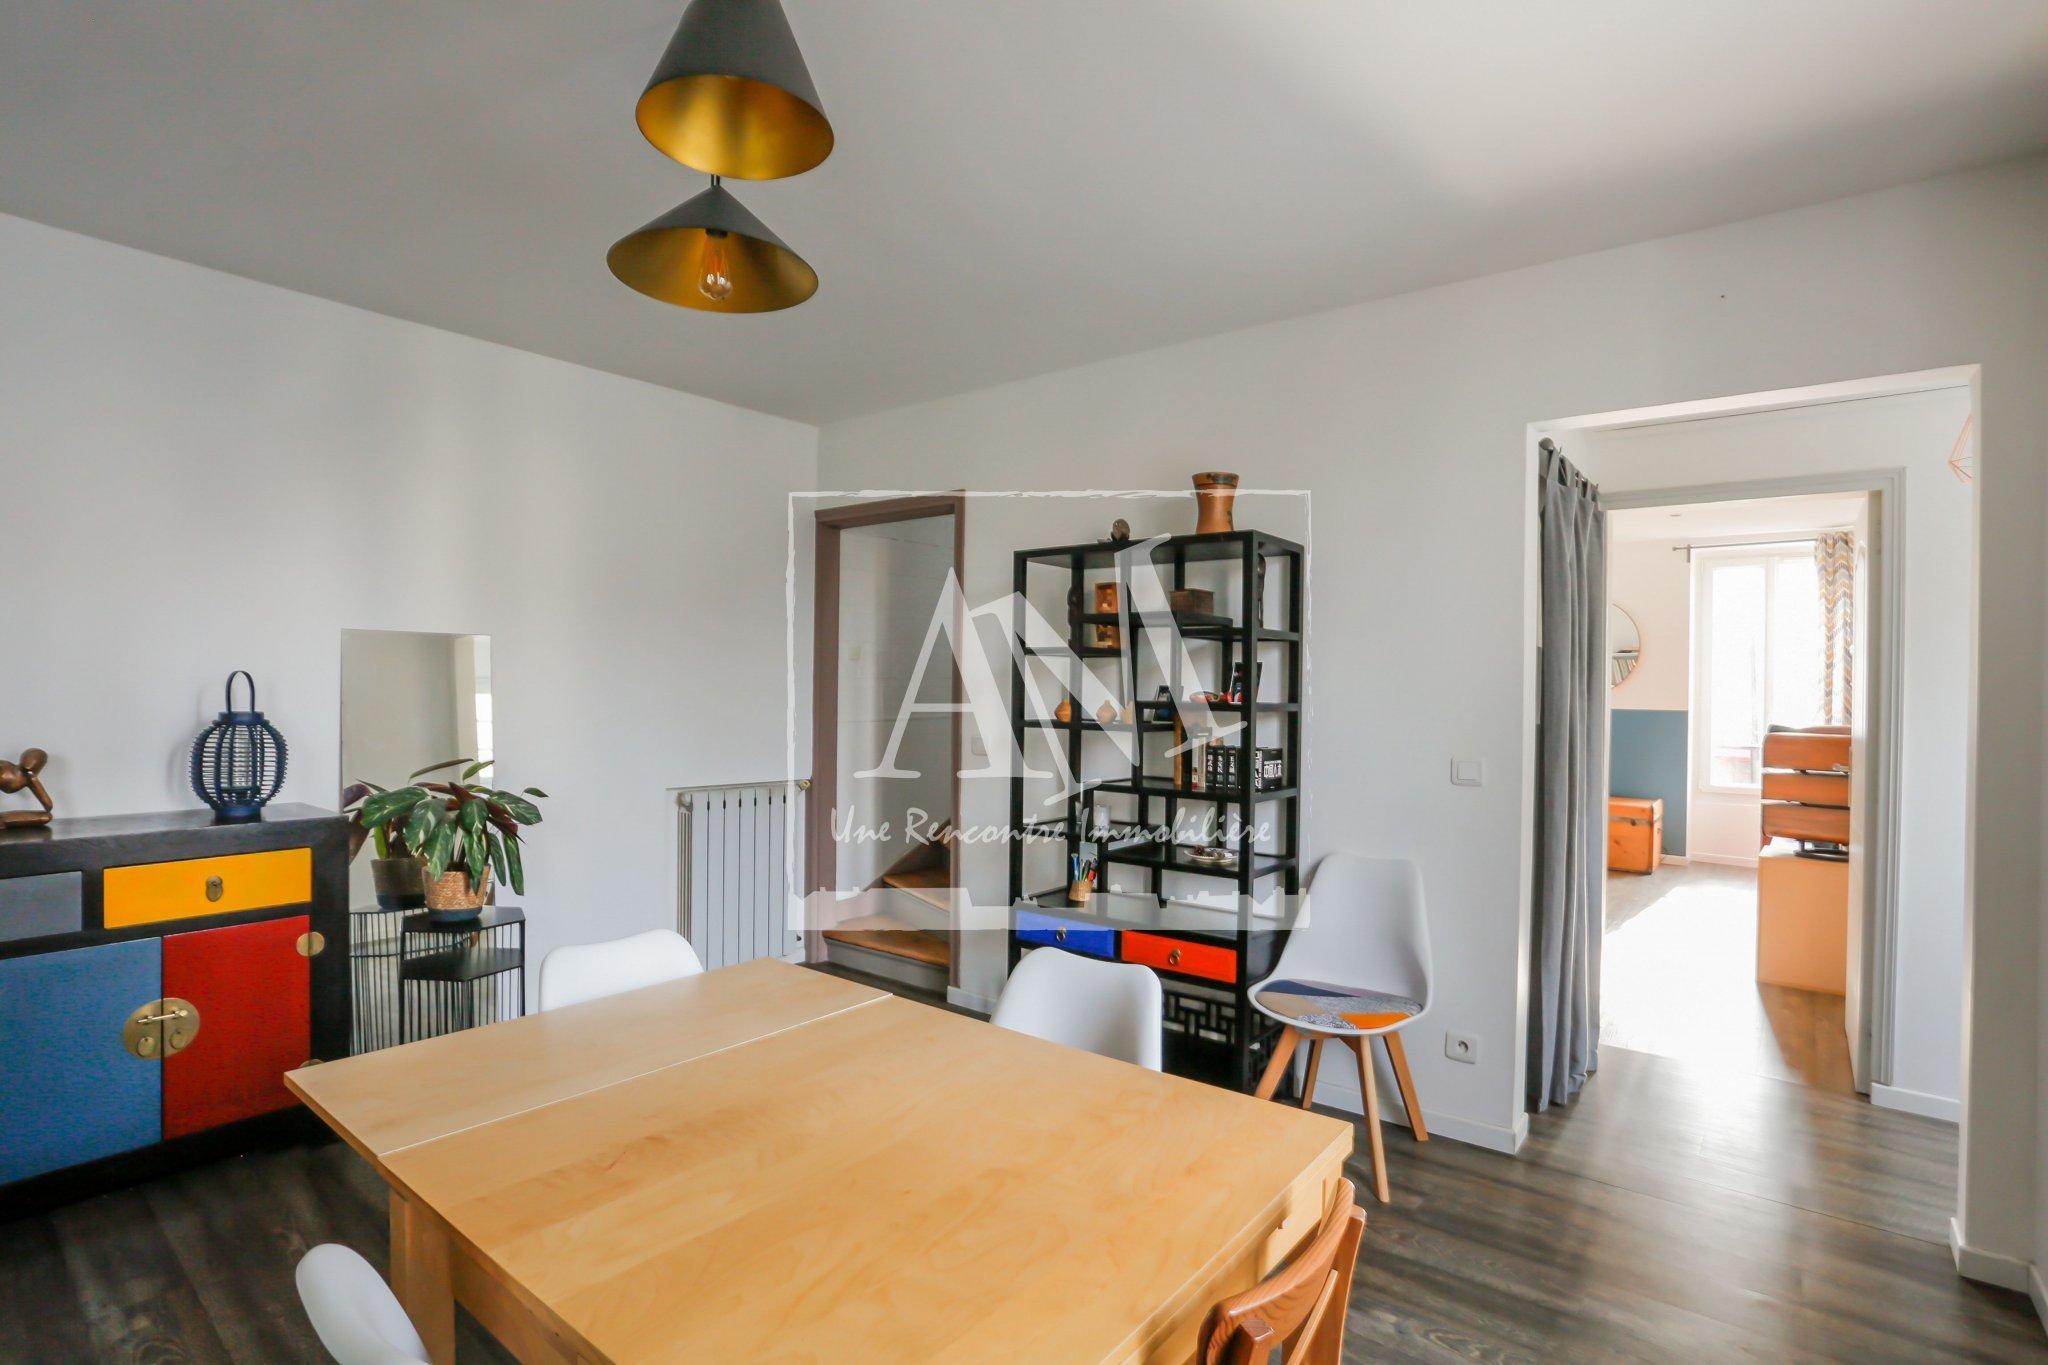 Appartement a vendre nanterre - 5 pièce(s) - 110 m2 - Surfyn